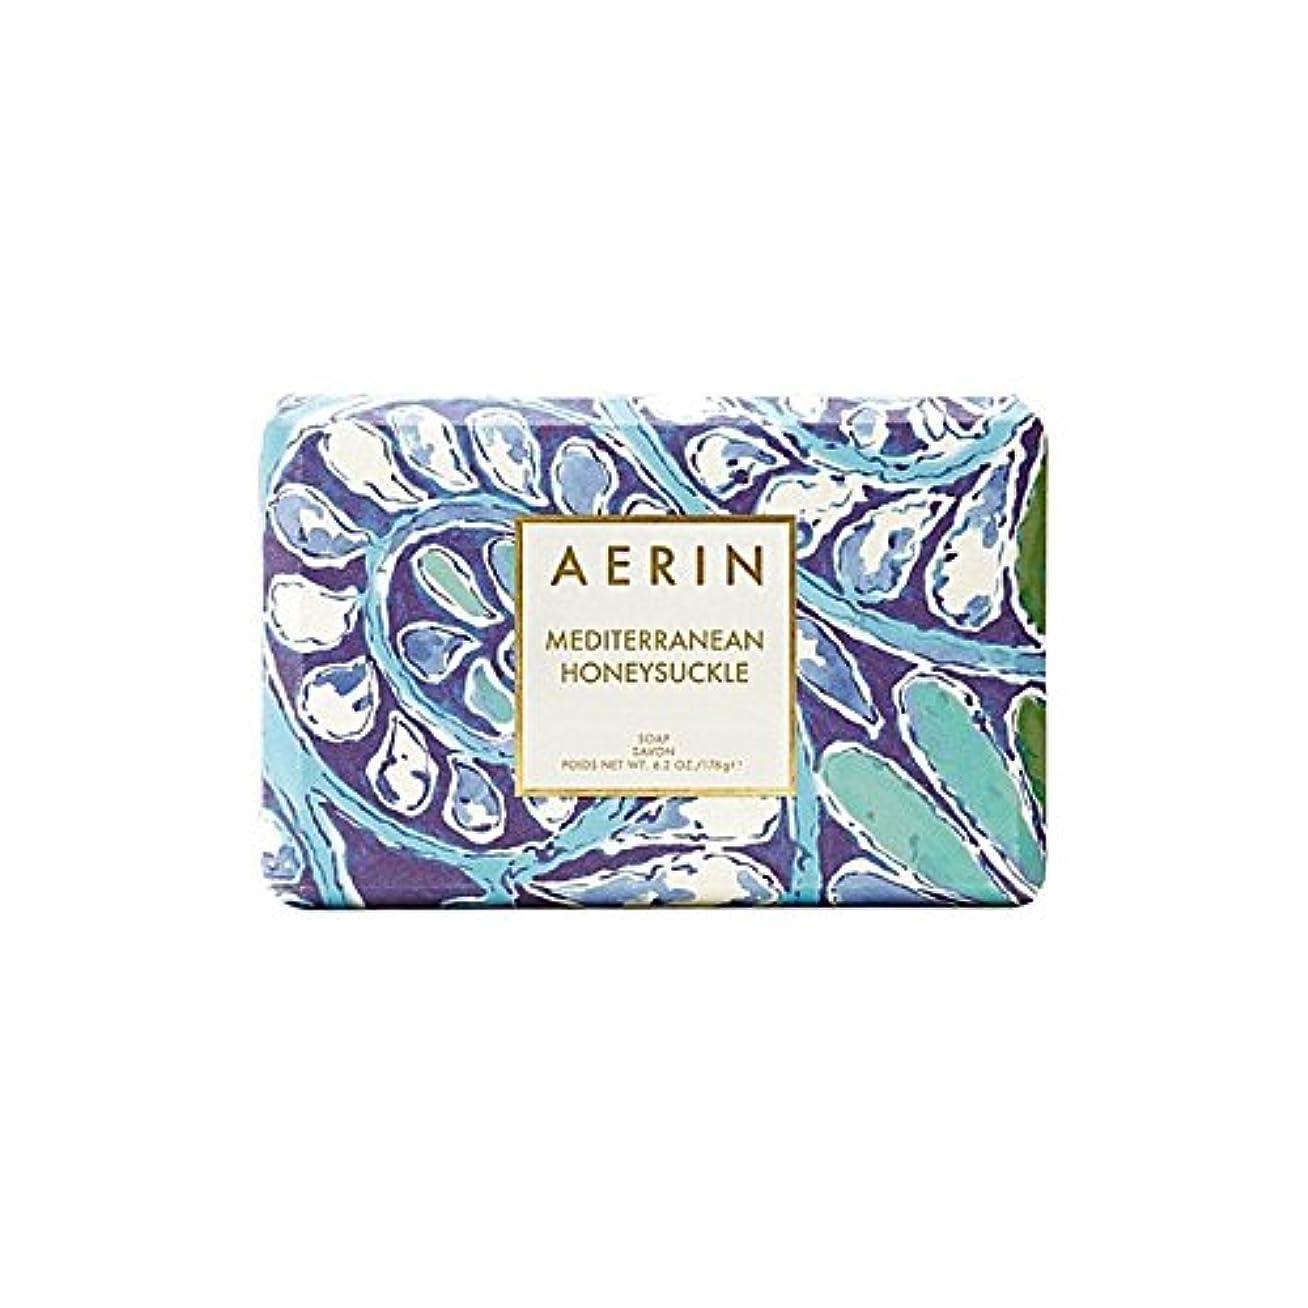 自治的軽く宮殿Aerin Mediterrenean Honeysuckle Bar Soap 176G - スイカズラ固形石鹸176グラム [並行輸入品]